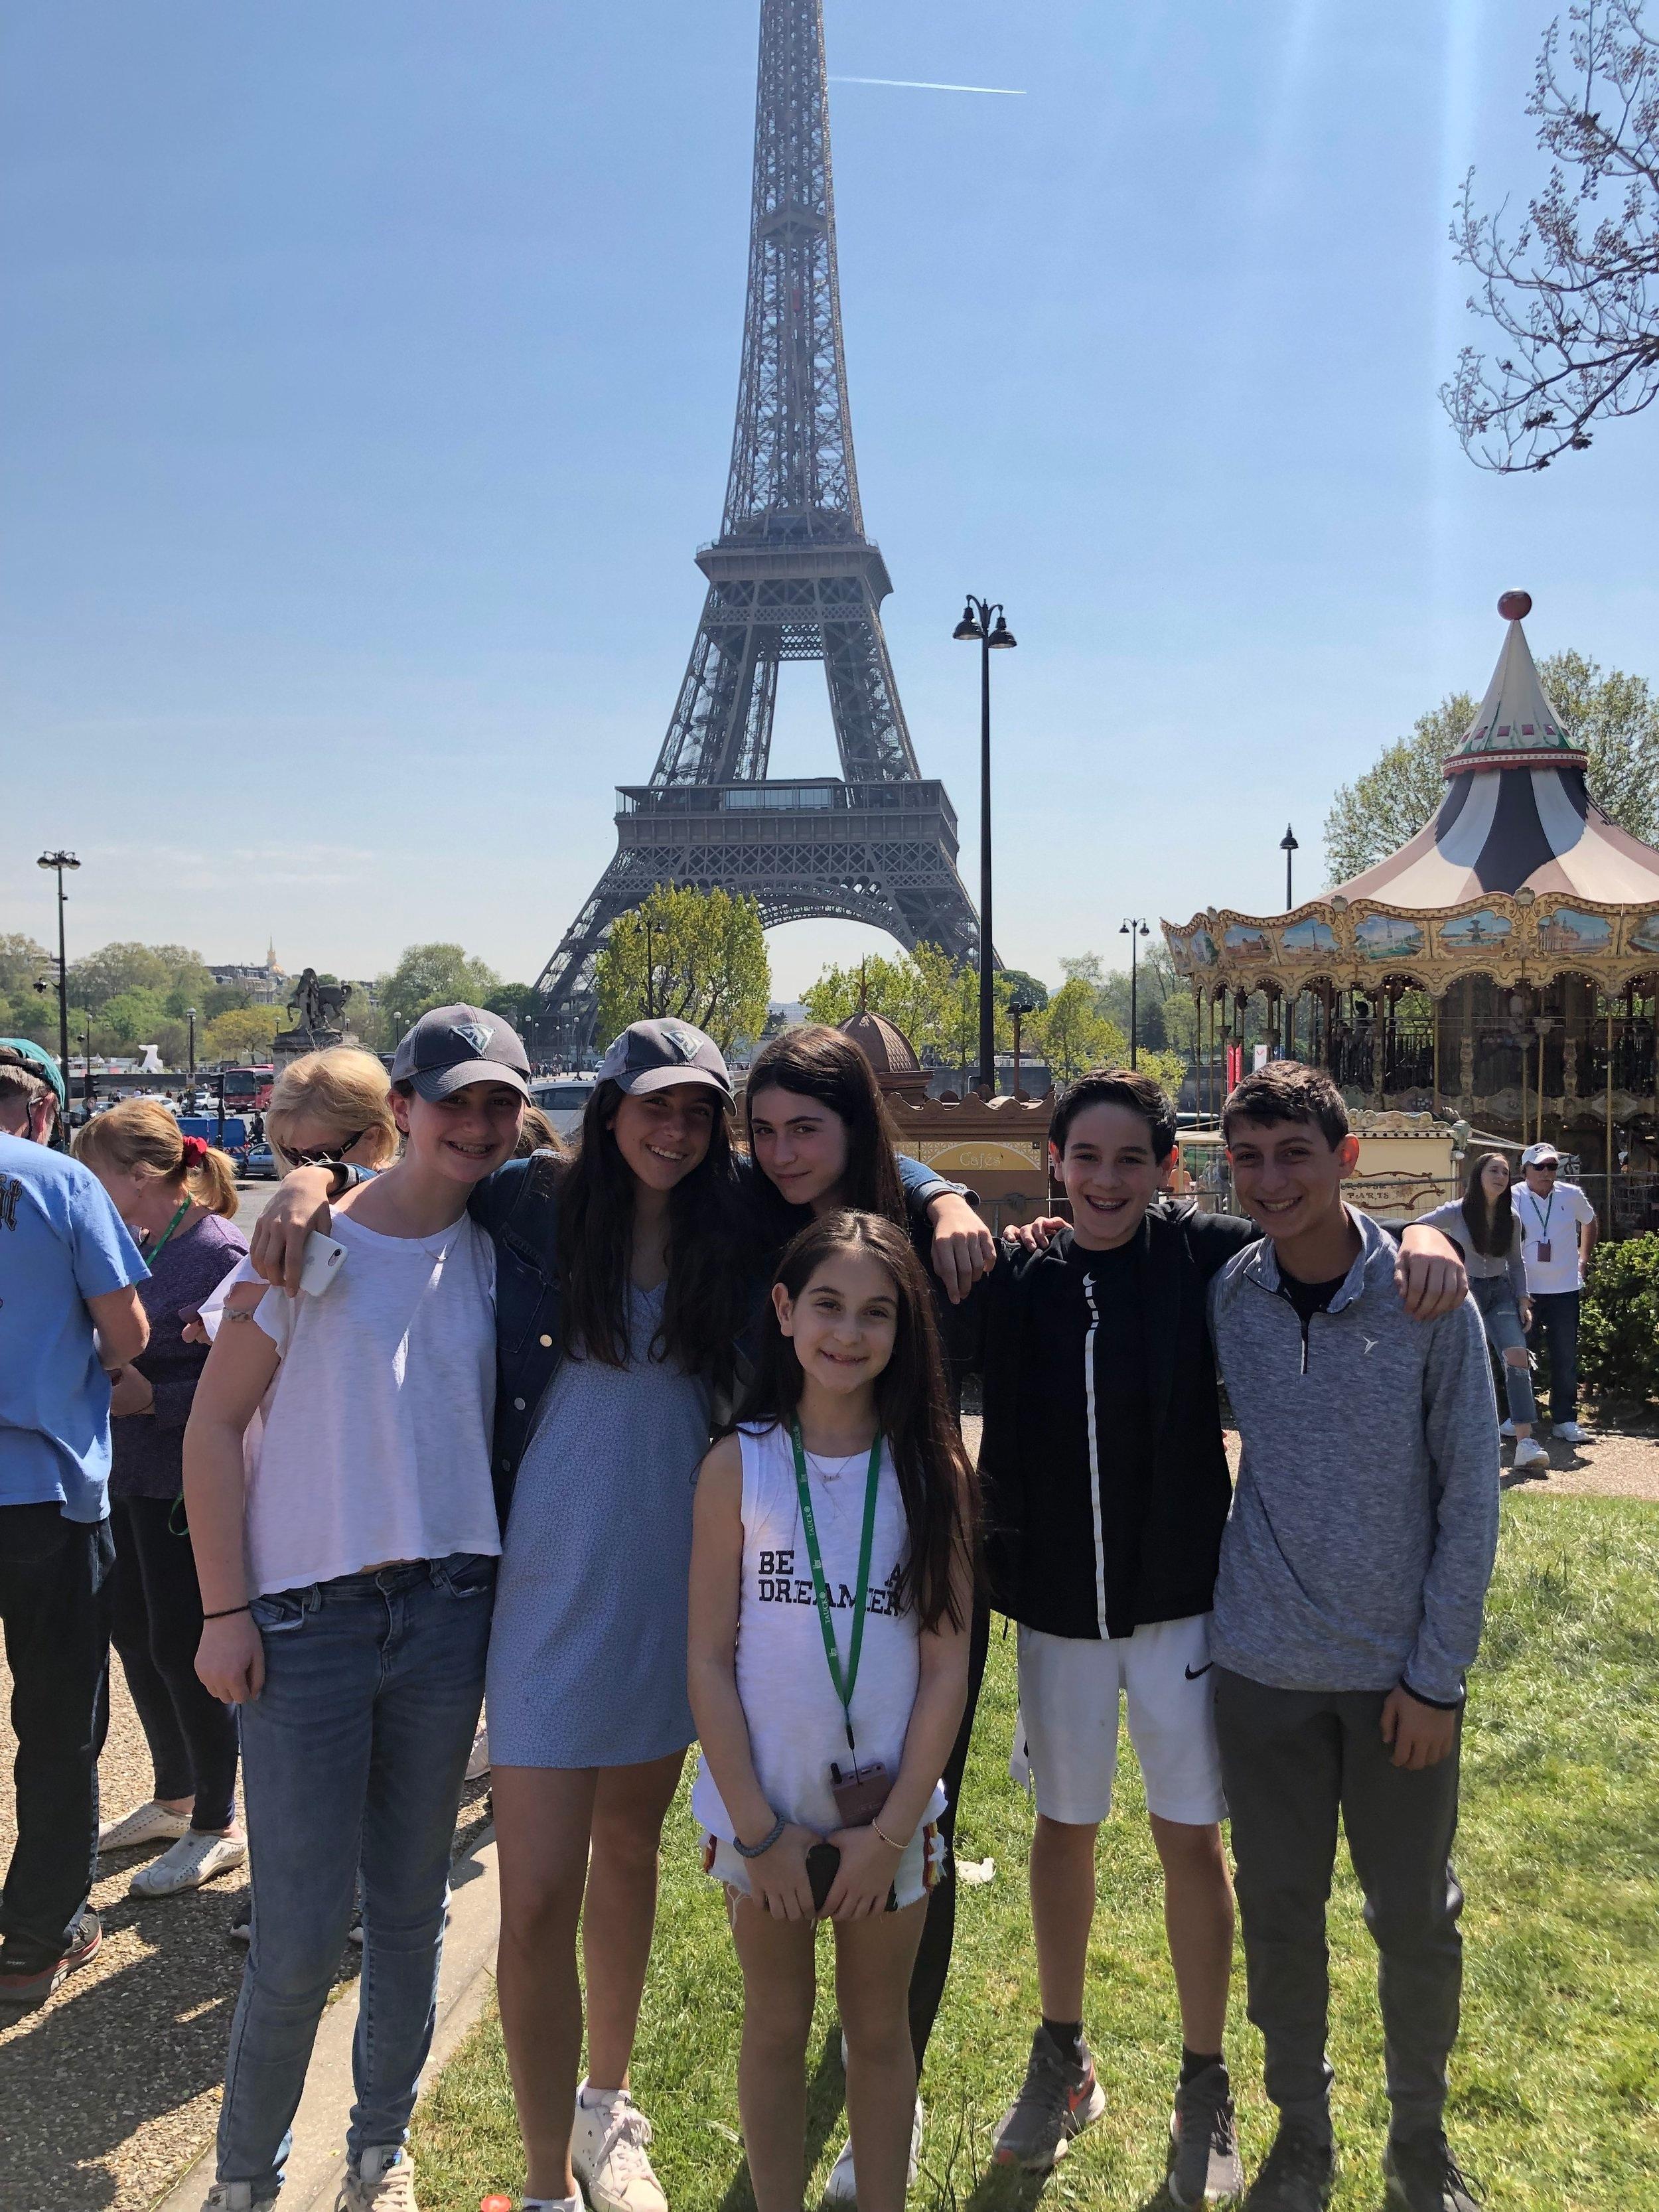 Scaticonians in Paris.